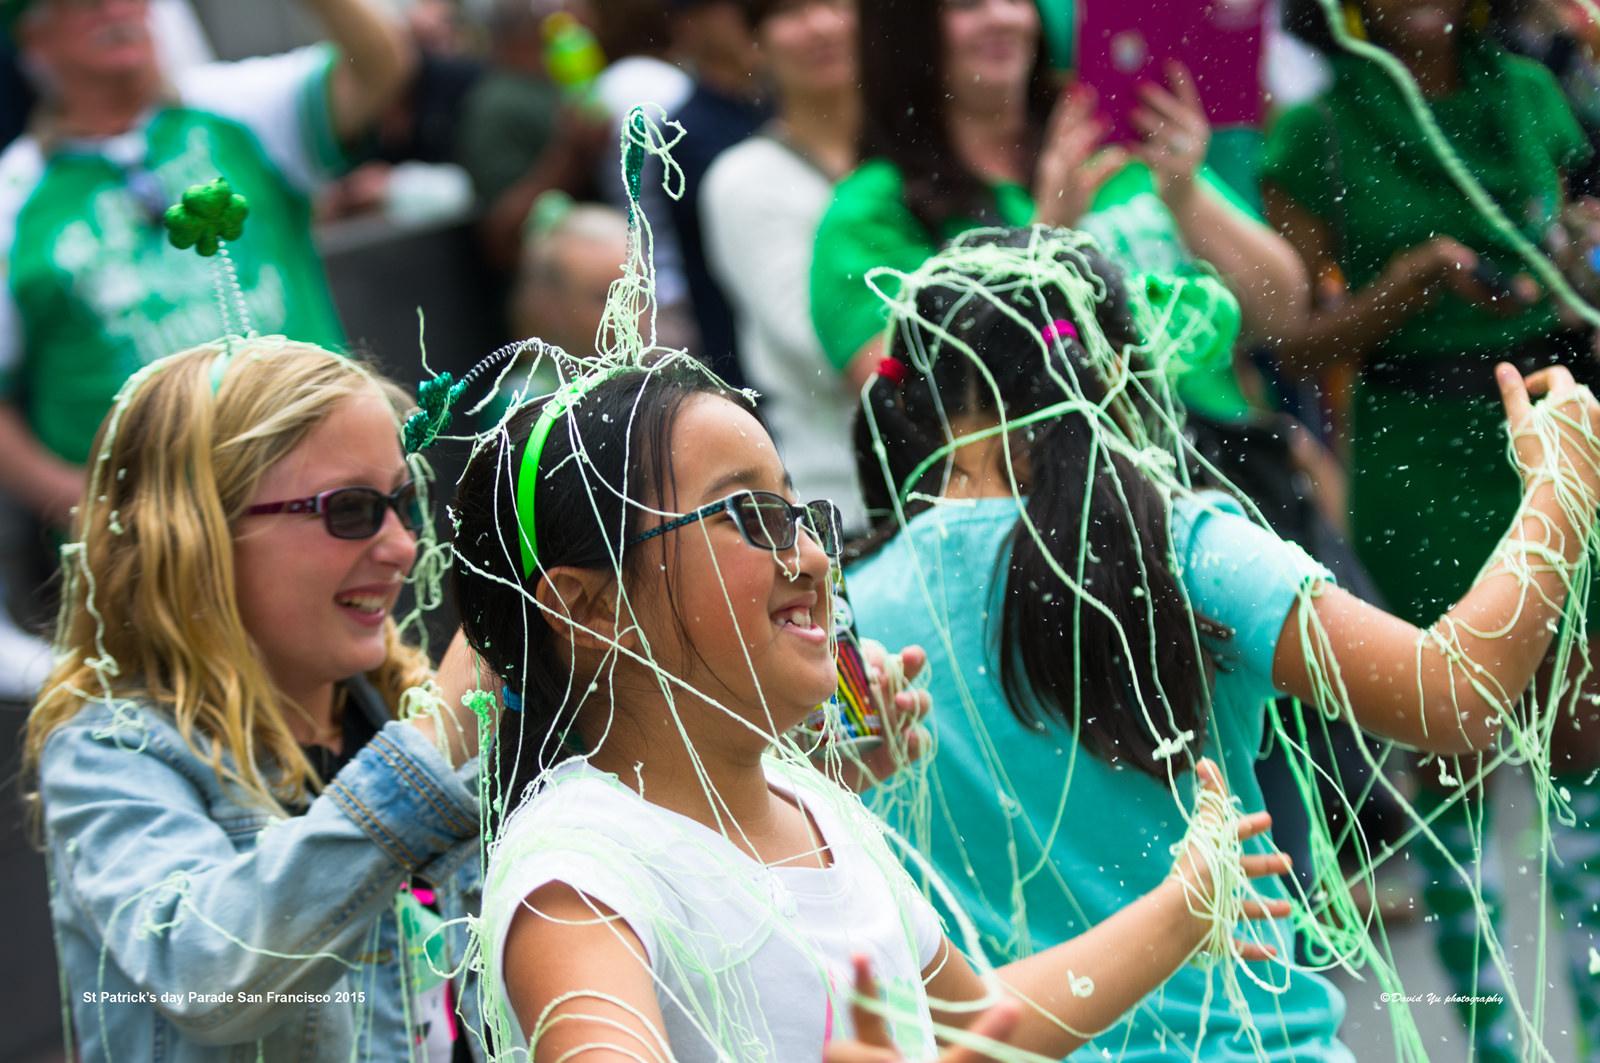 CRDT-kidsfestival-31, st. patrick's day